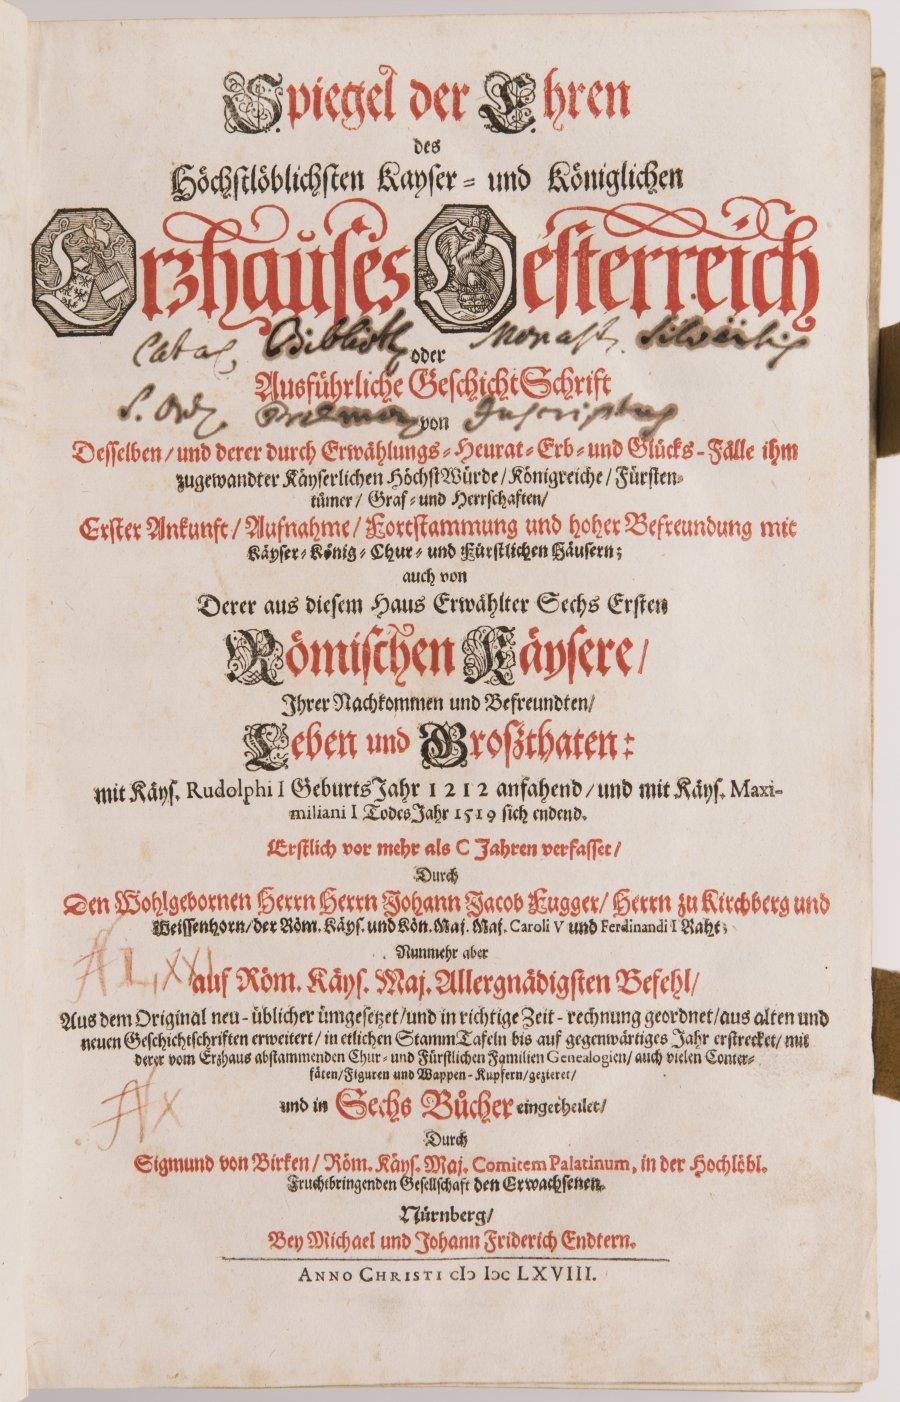 SPIEGEL DER EHREN DES HOECHSTLOEBLICHSTEN KAYSER- UND KOENIGLICHEN ERZHAUSES OESTERREICH